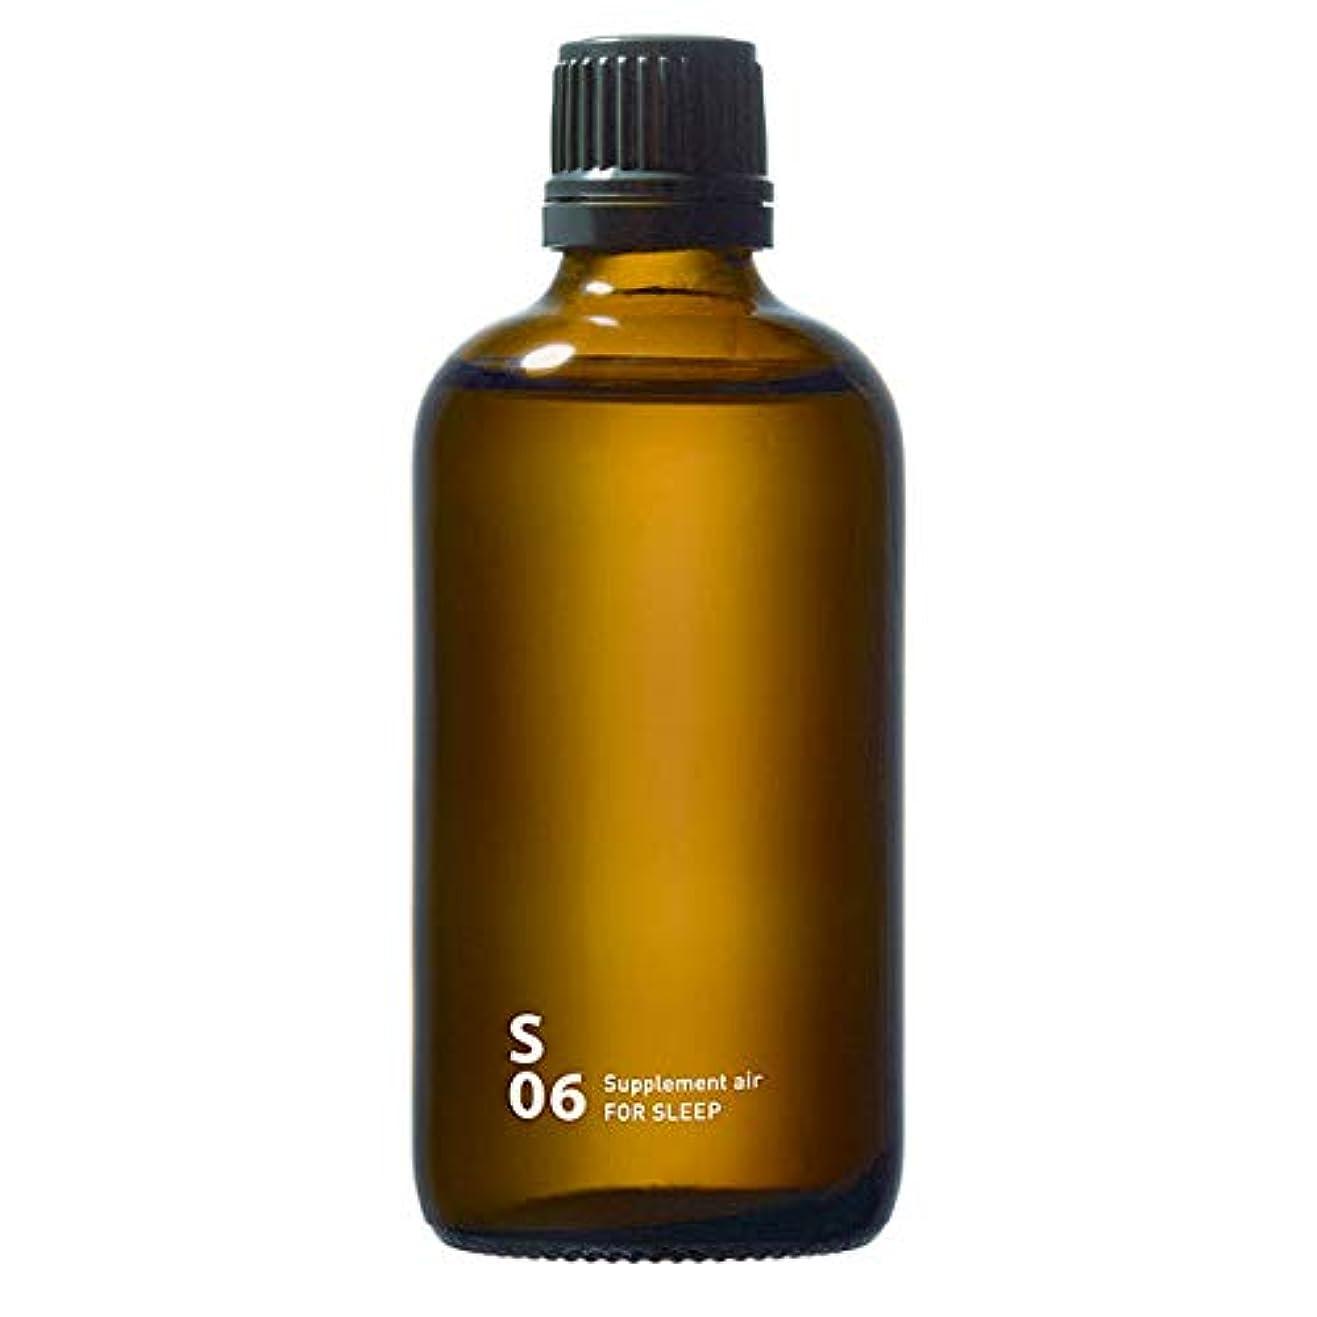 ストローク隙間噂S06 FOR SLEEP piezo aroma oil 100ml